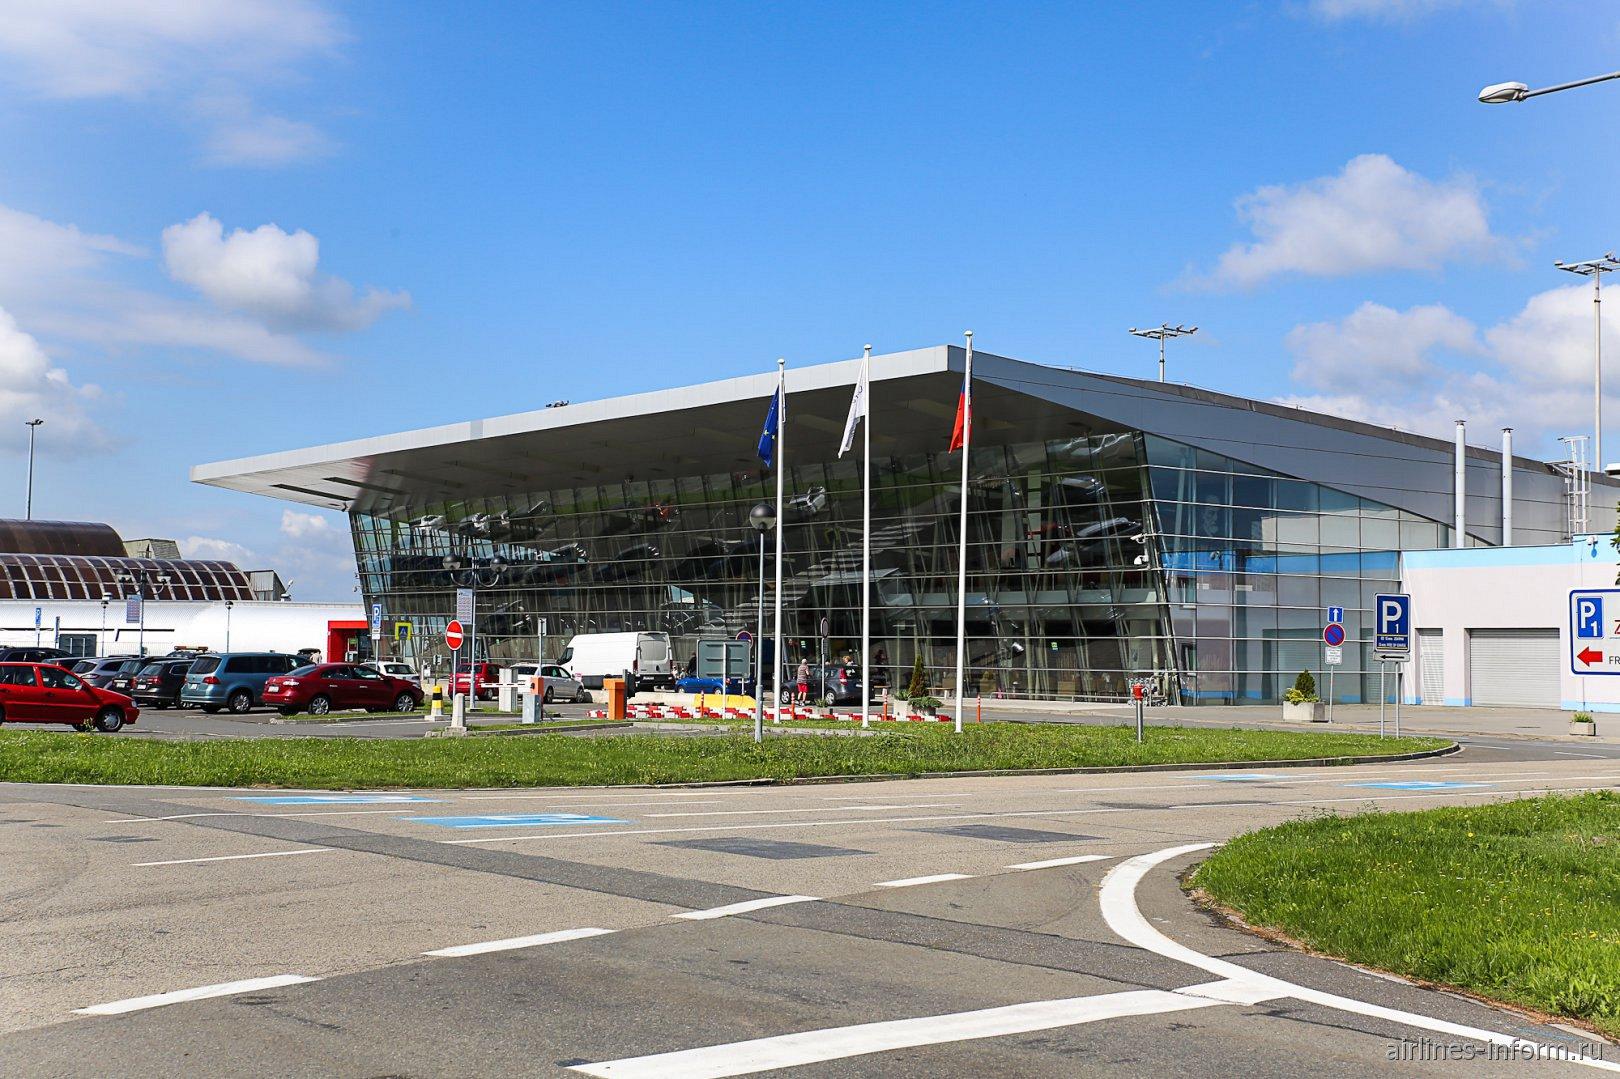 Новый пассажирский терминал аэропорта Острава имени Леоша Яначека